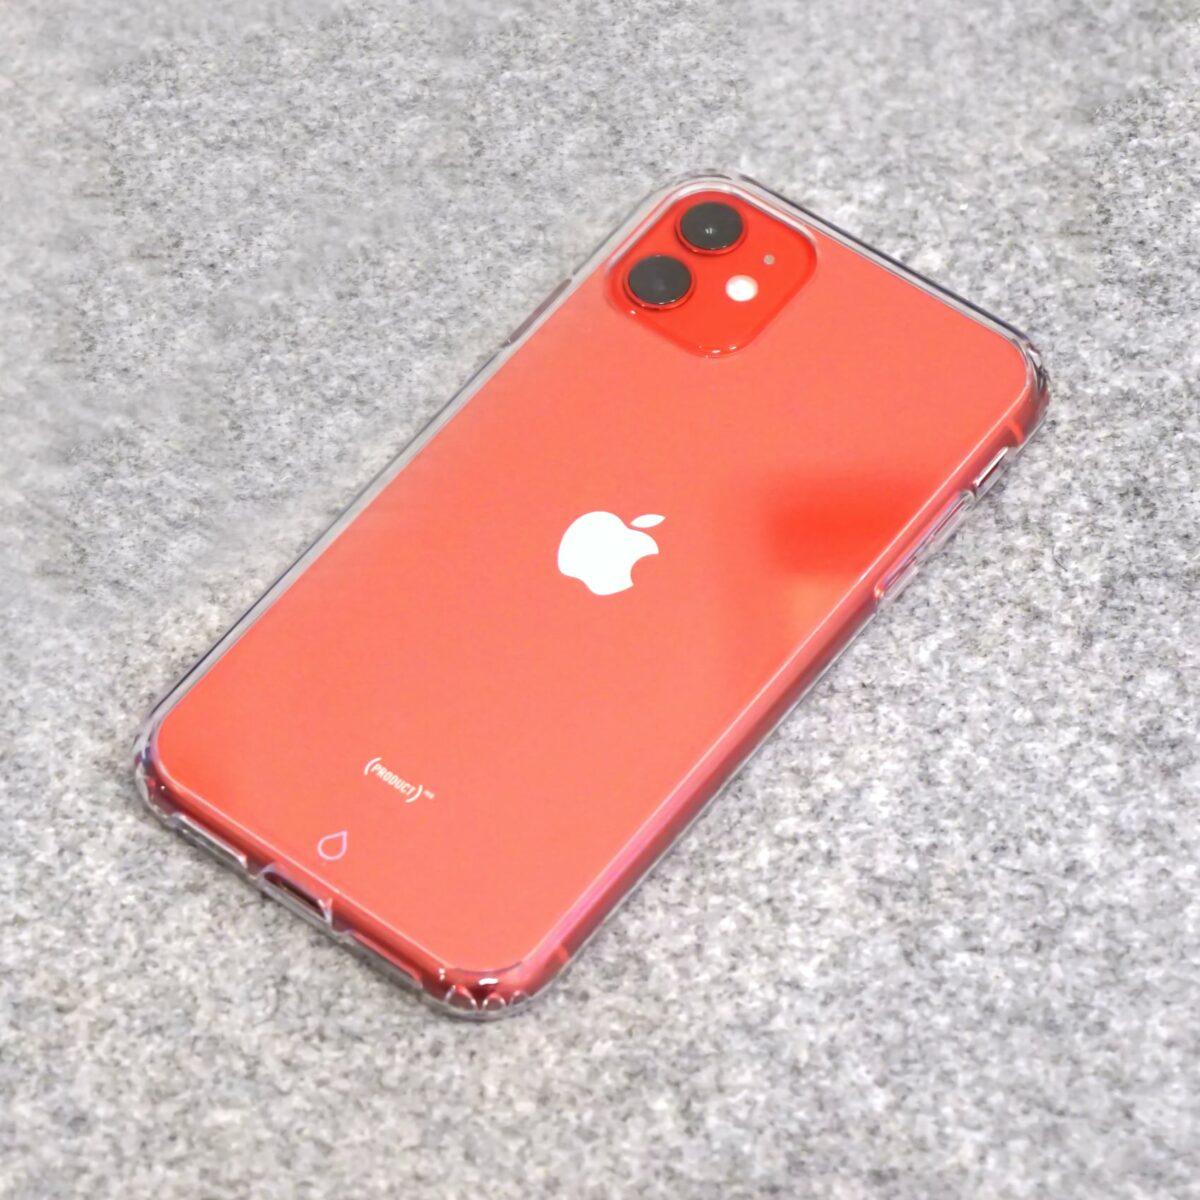 כיסוי לאייפון 11 - שקוף ואיכותי